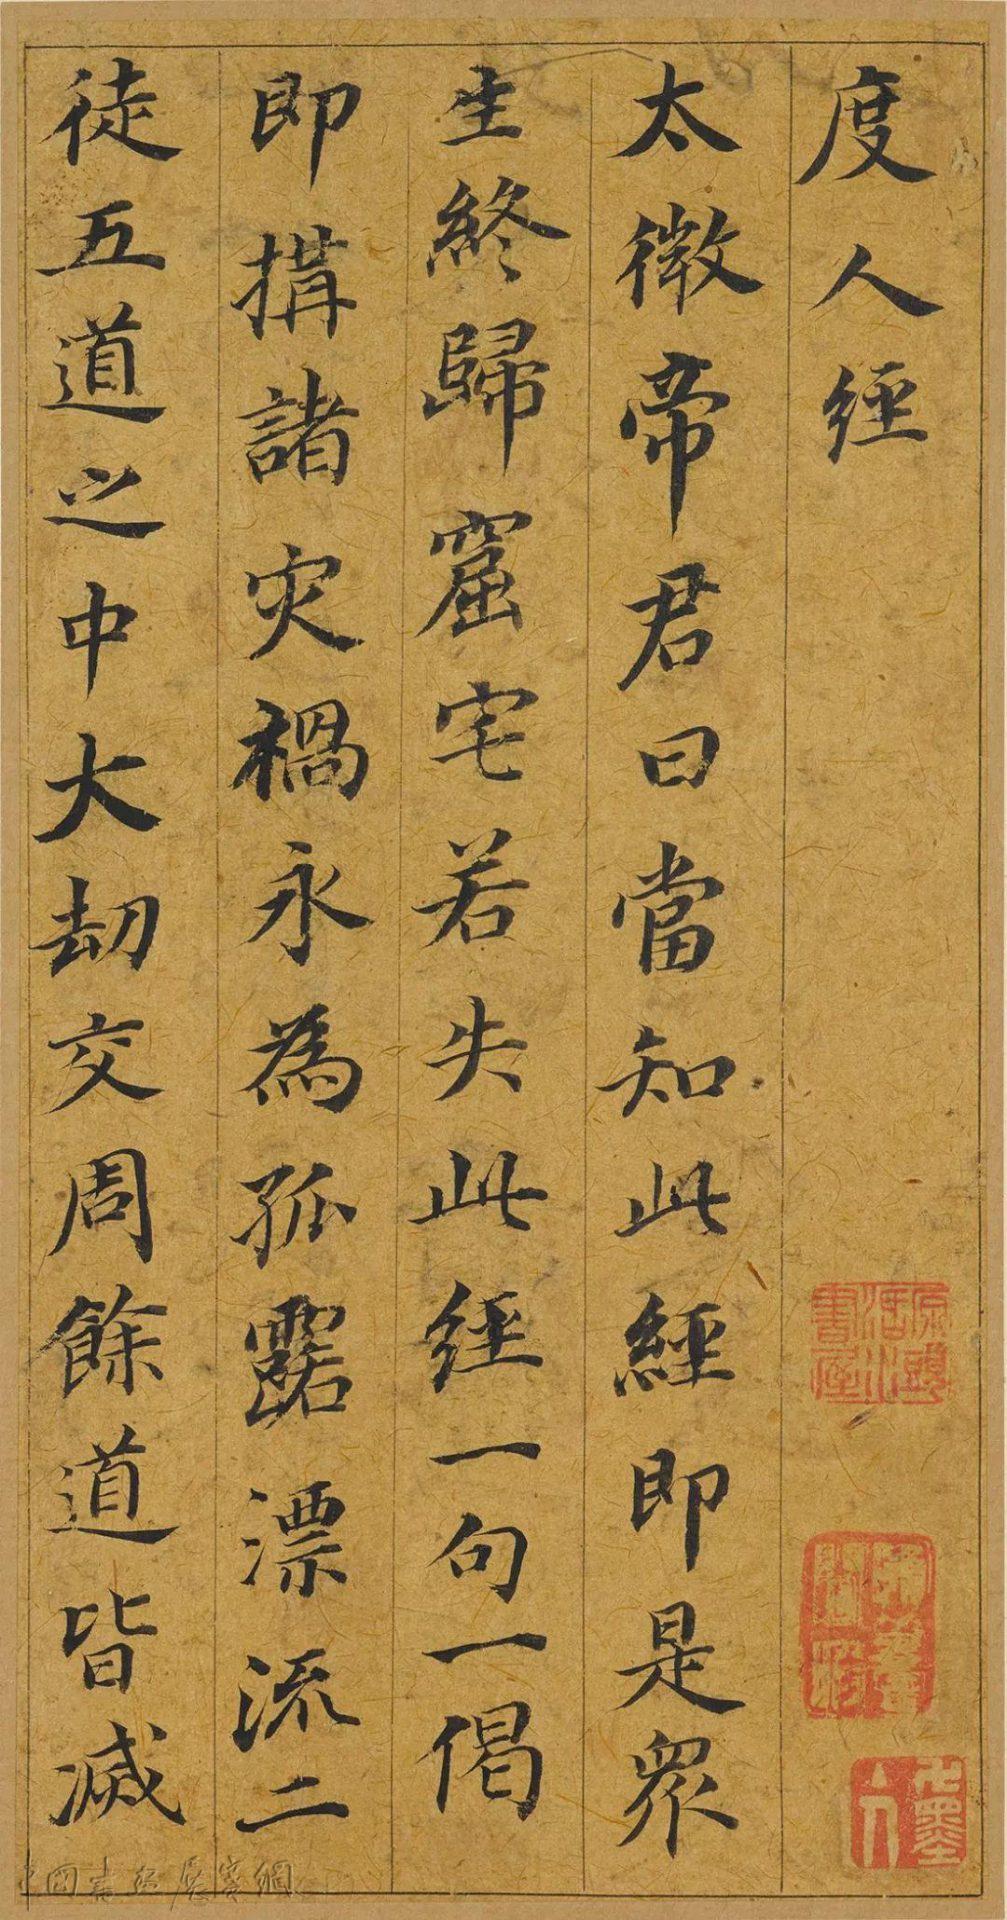 董其昌小楷《五经一论册》上海博物馆藏